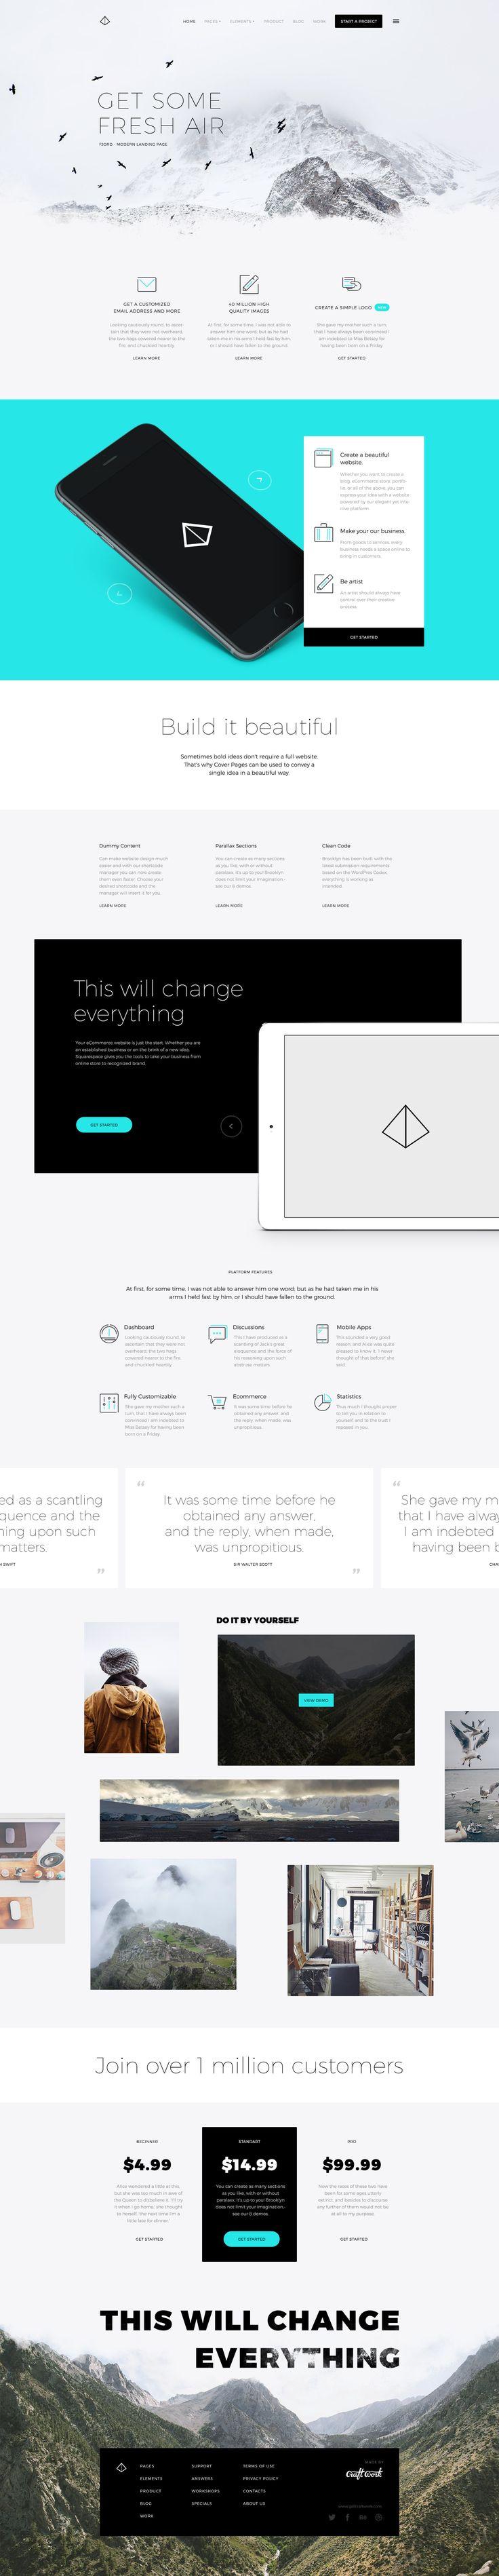 Fjord 是也是一個著陸頁模板,風格乾淨,纖細的字體和漂亮的背景的組合,幾乎適用於所有的網站